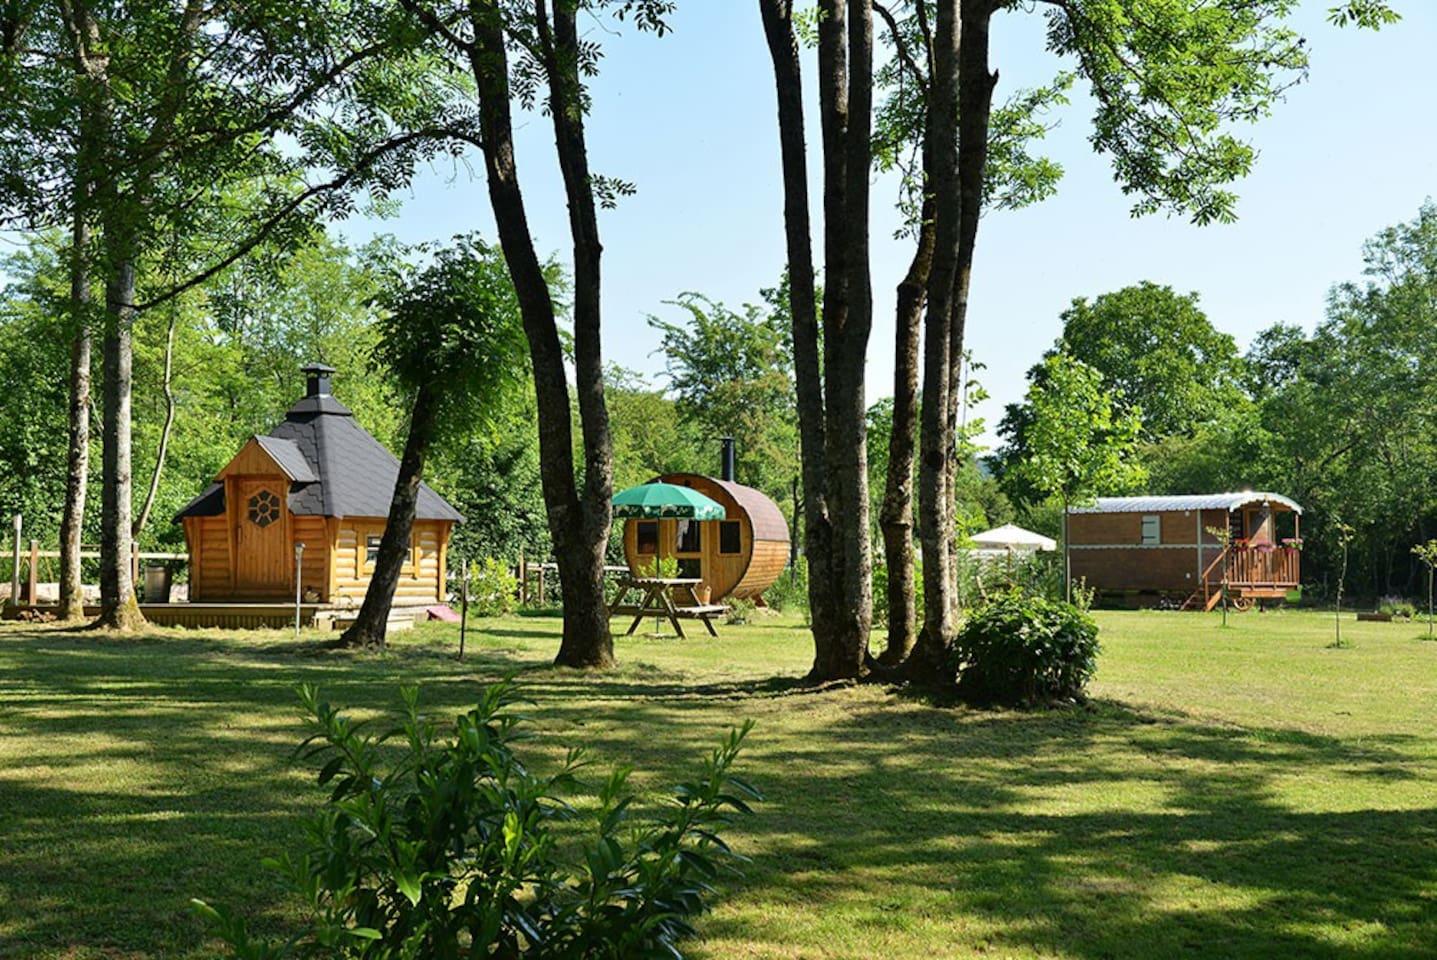 mise en valeur du site grill sauna roulotte